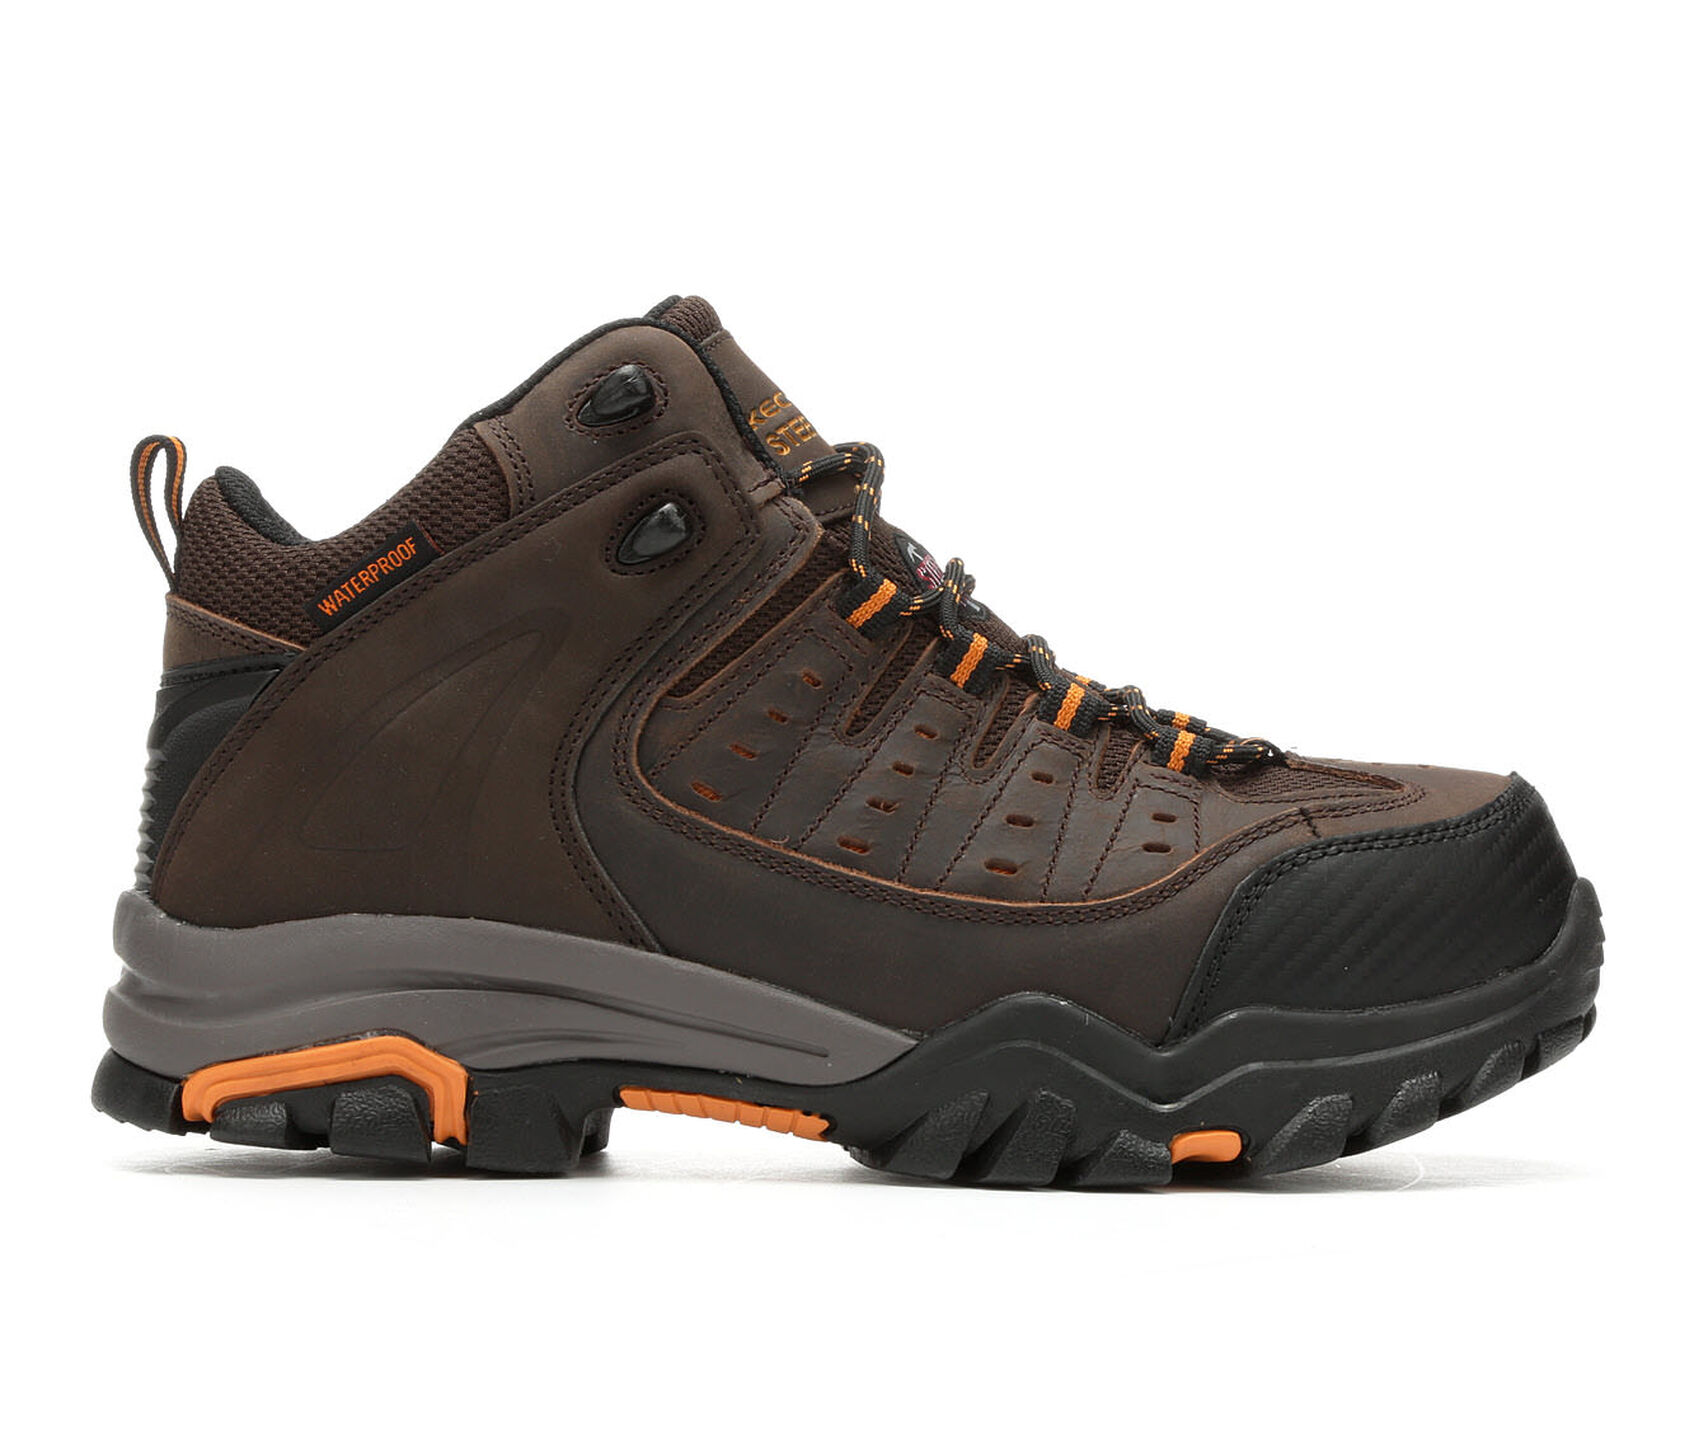 77d7575707be9 ... Skechers Work Lakehead Waterproof Steel Toe 77126 Work Boots. Previous